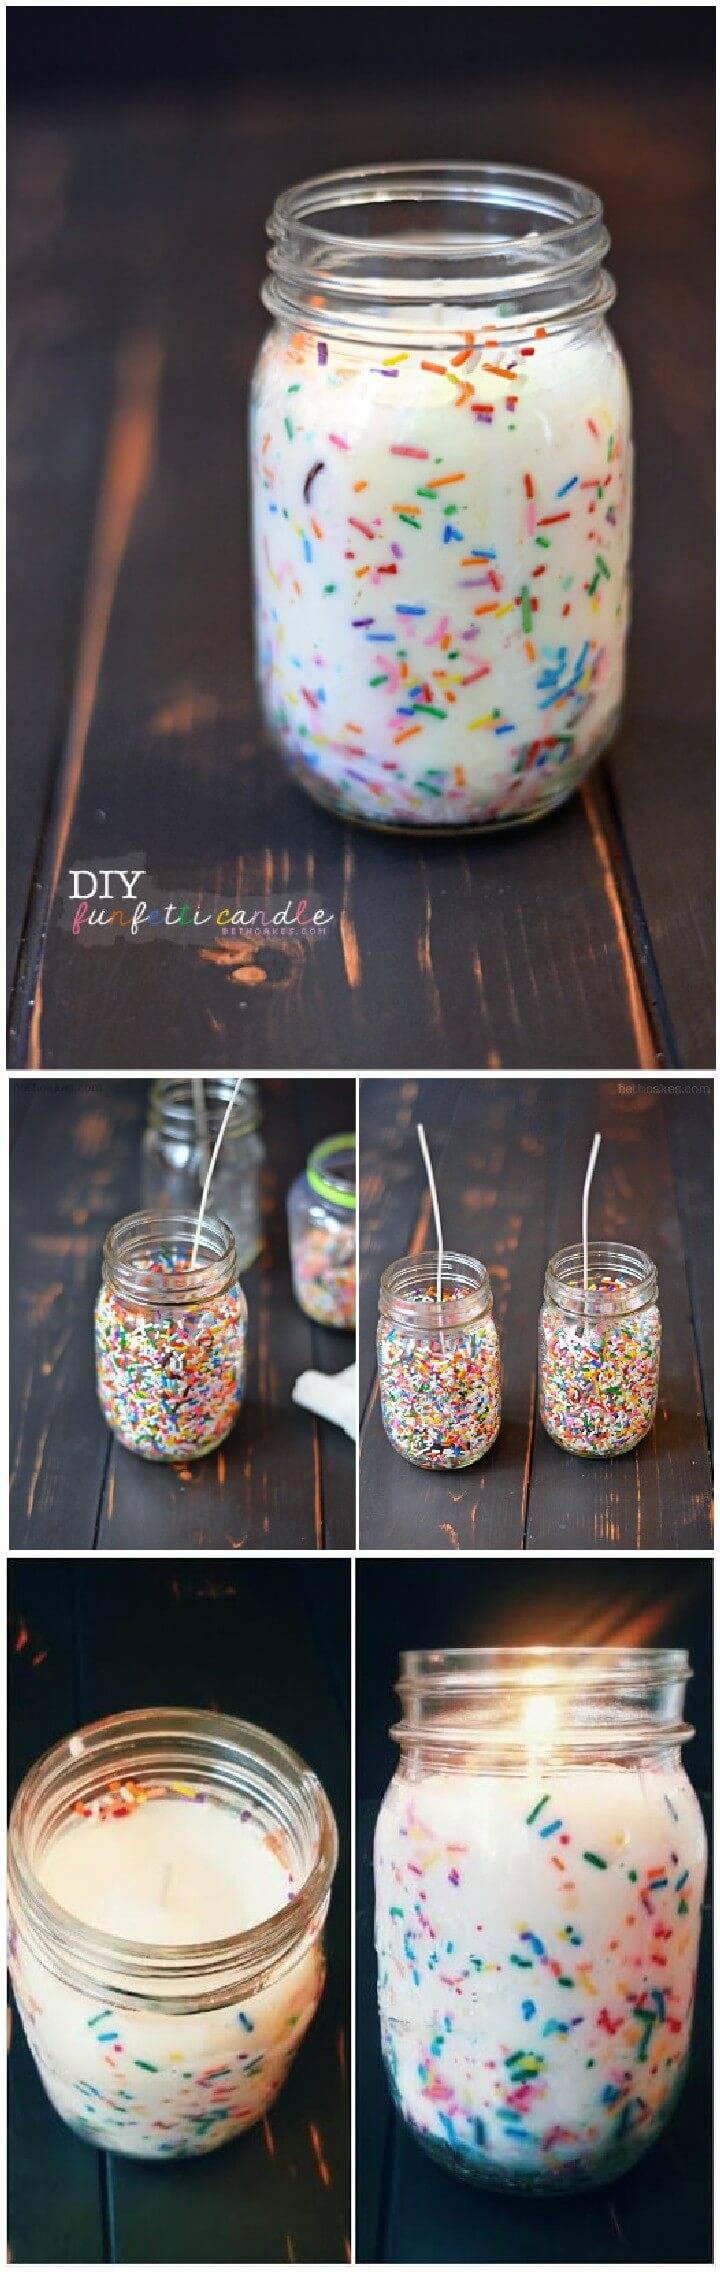 DIY Confetti Candle Mason Jar GiftDIY Confetti Candle Mason Jar Gift